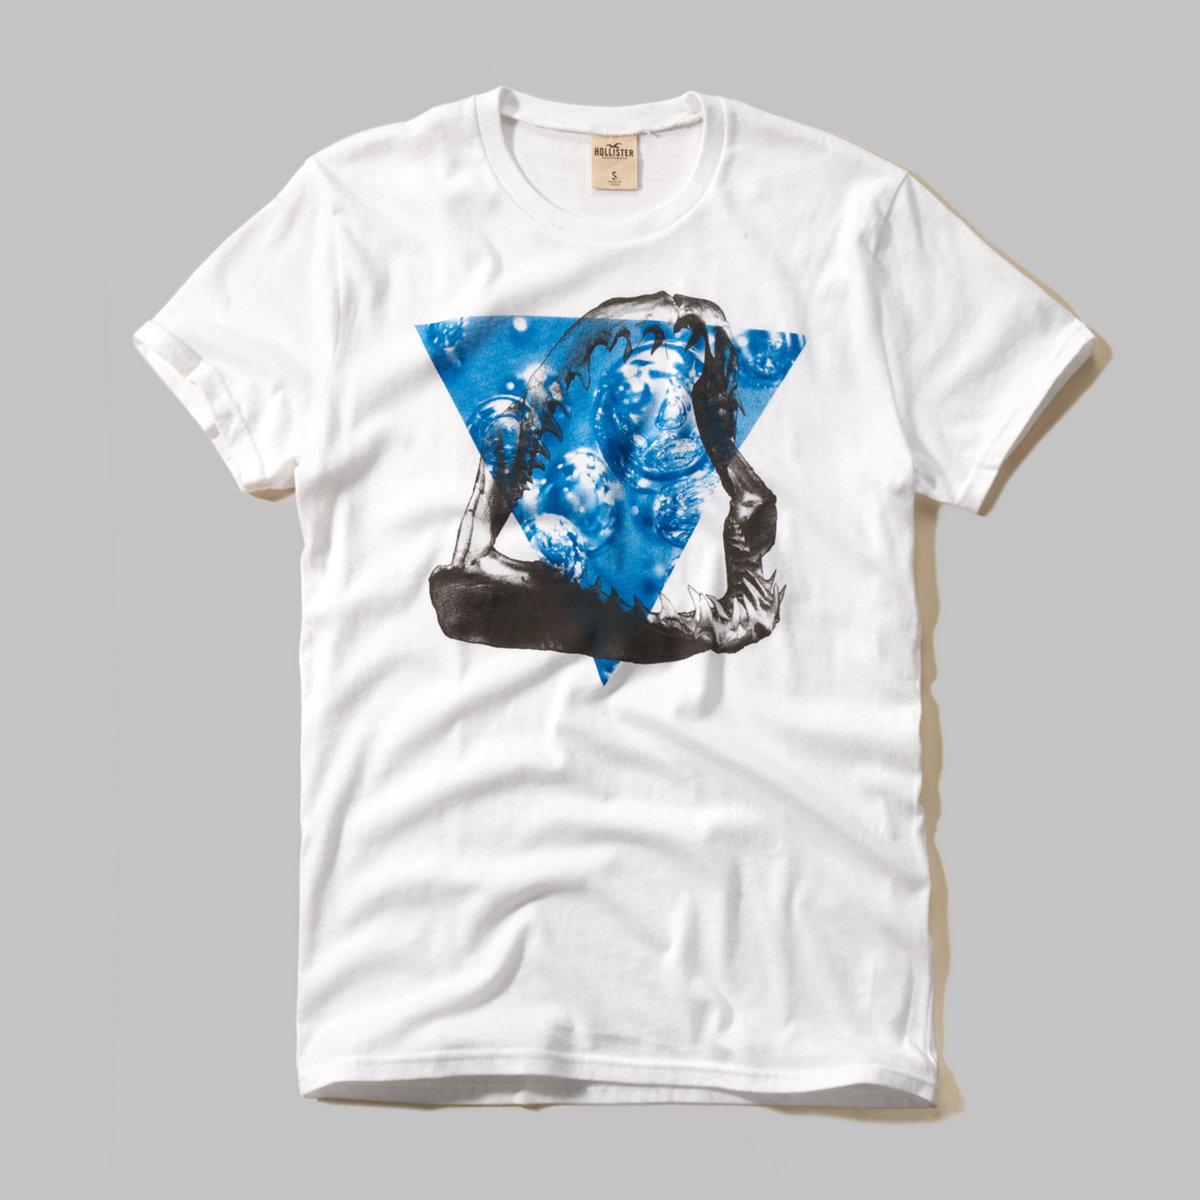 North Jetty Black & White Graphic T-Shirt